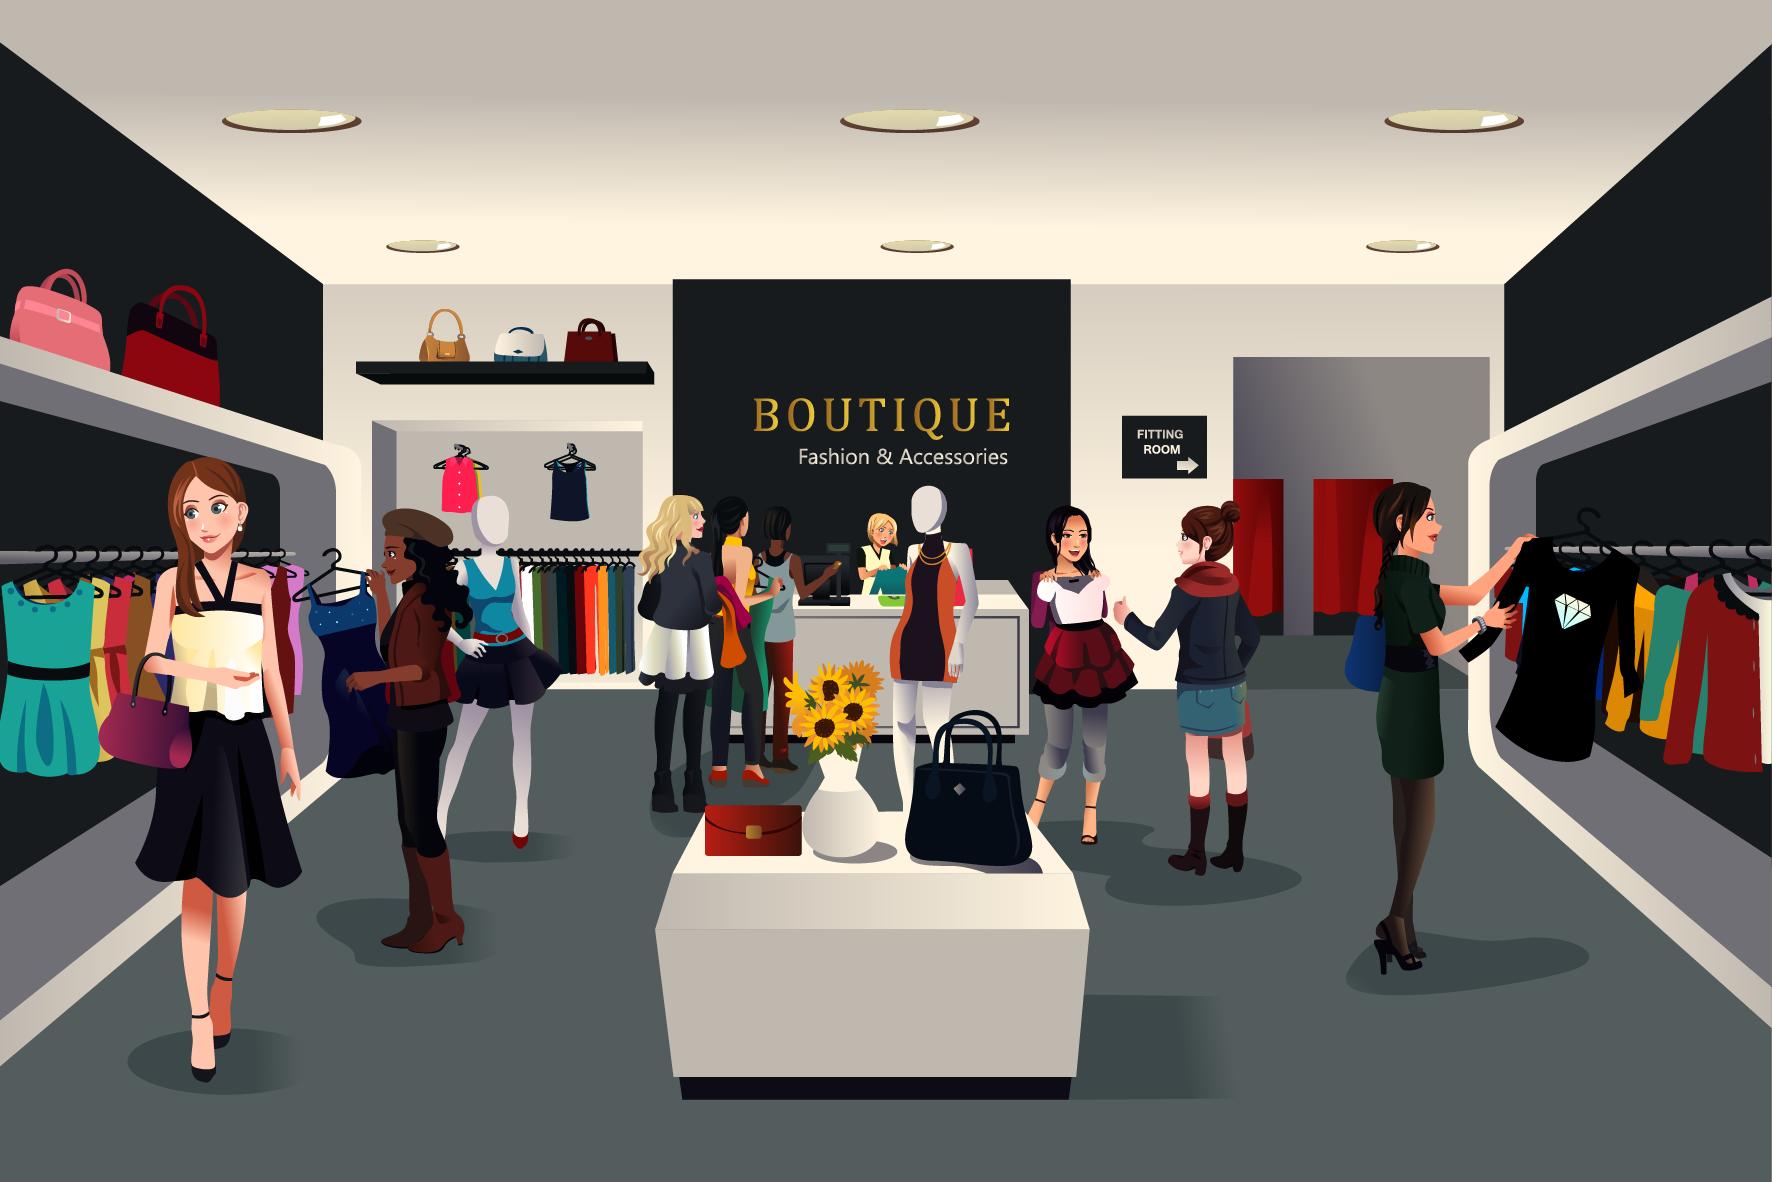 Boutique Shopping